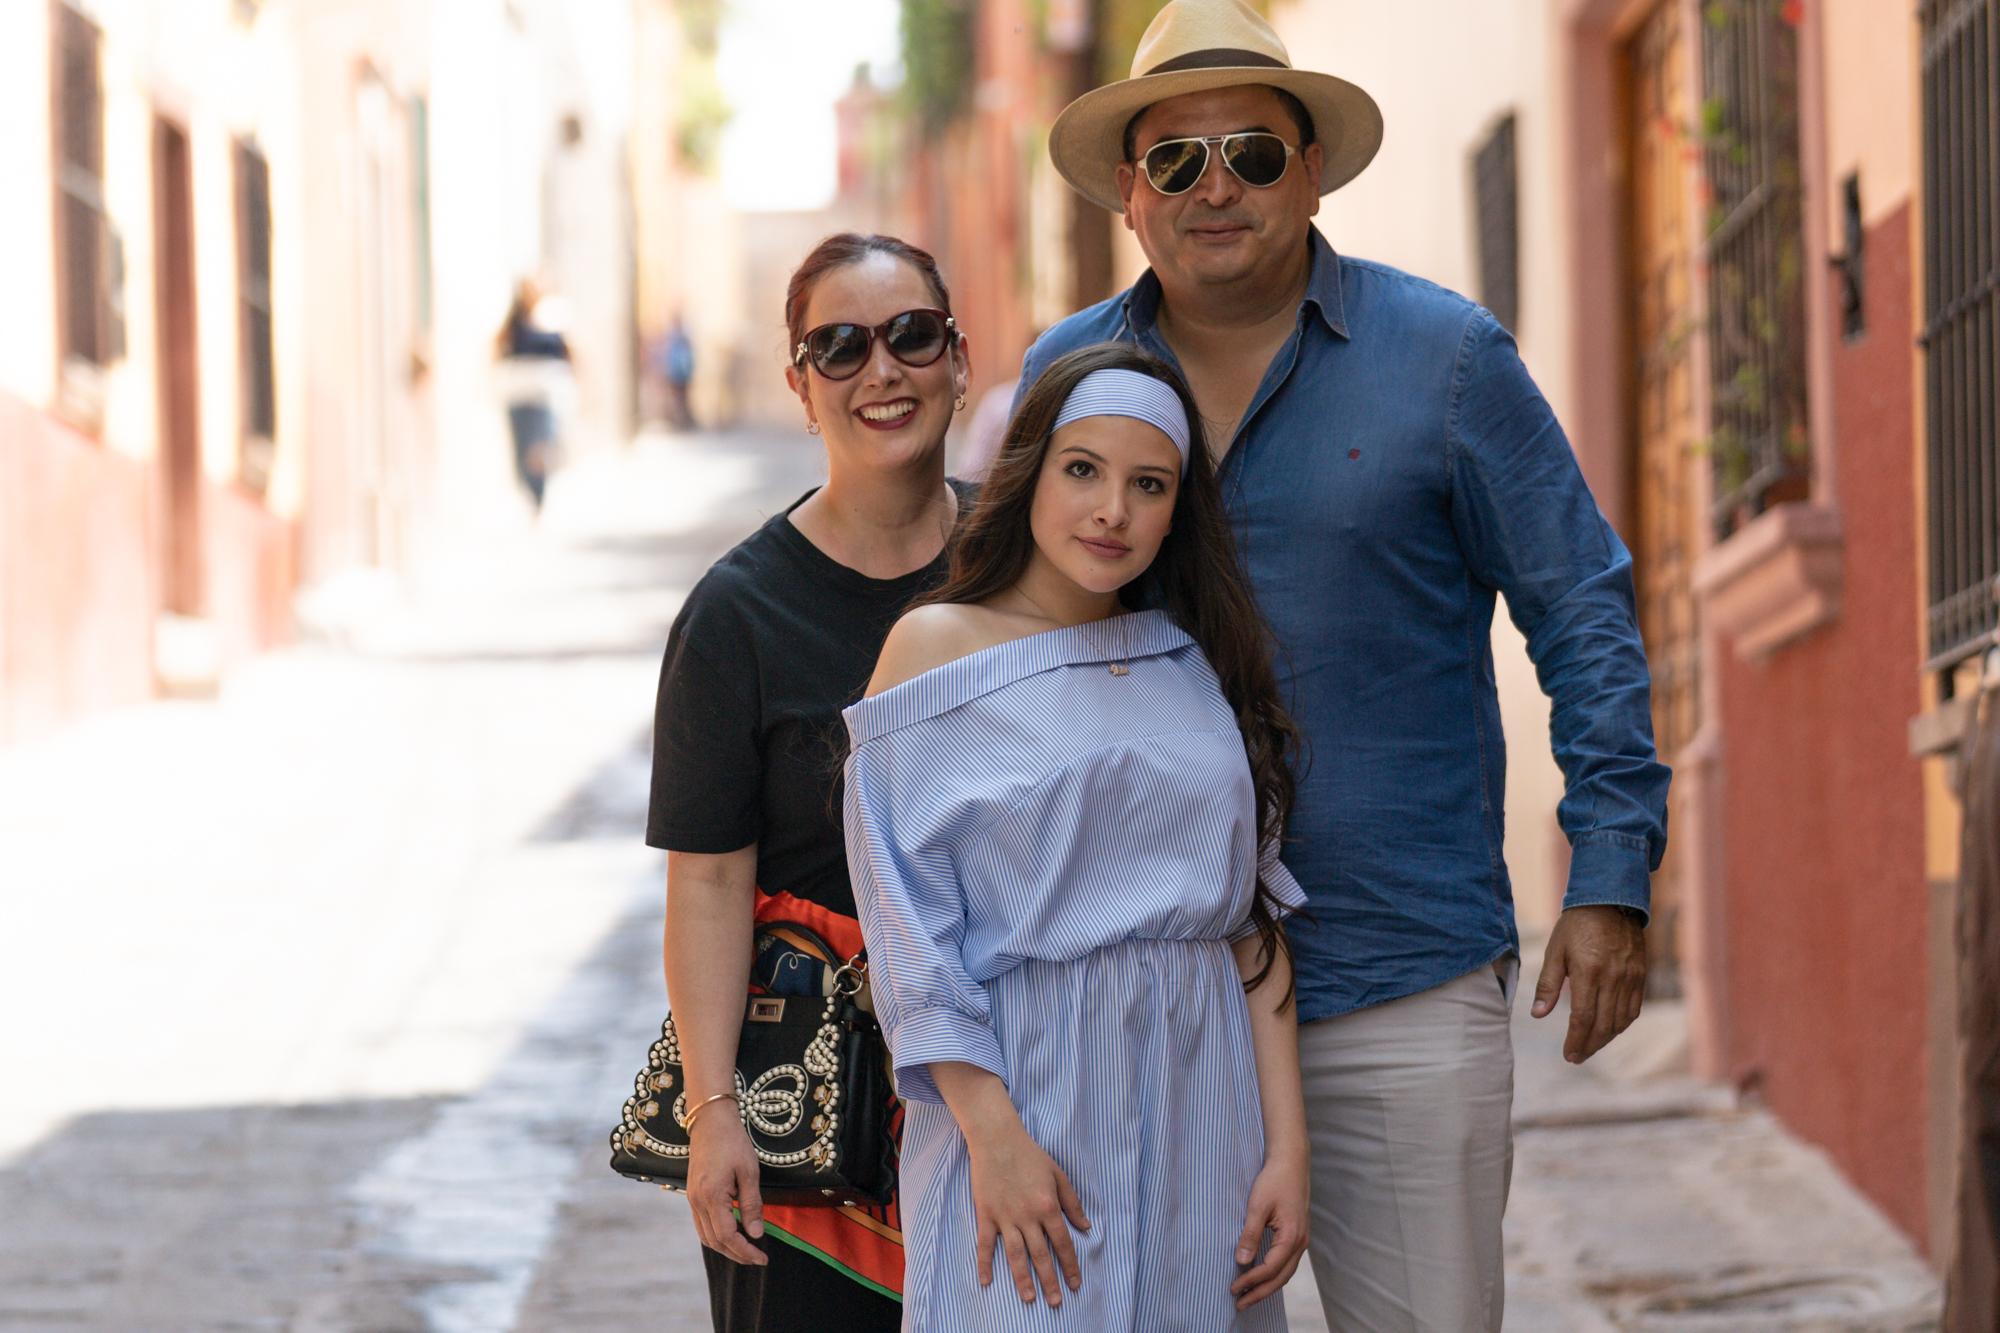 Sesion de Fotos en San Miguel de Allende con Rogelio y su Fmailia-57.jpg